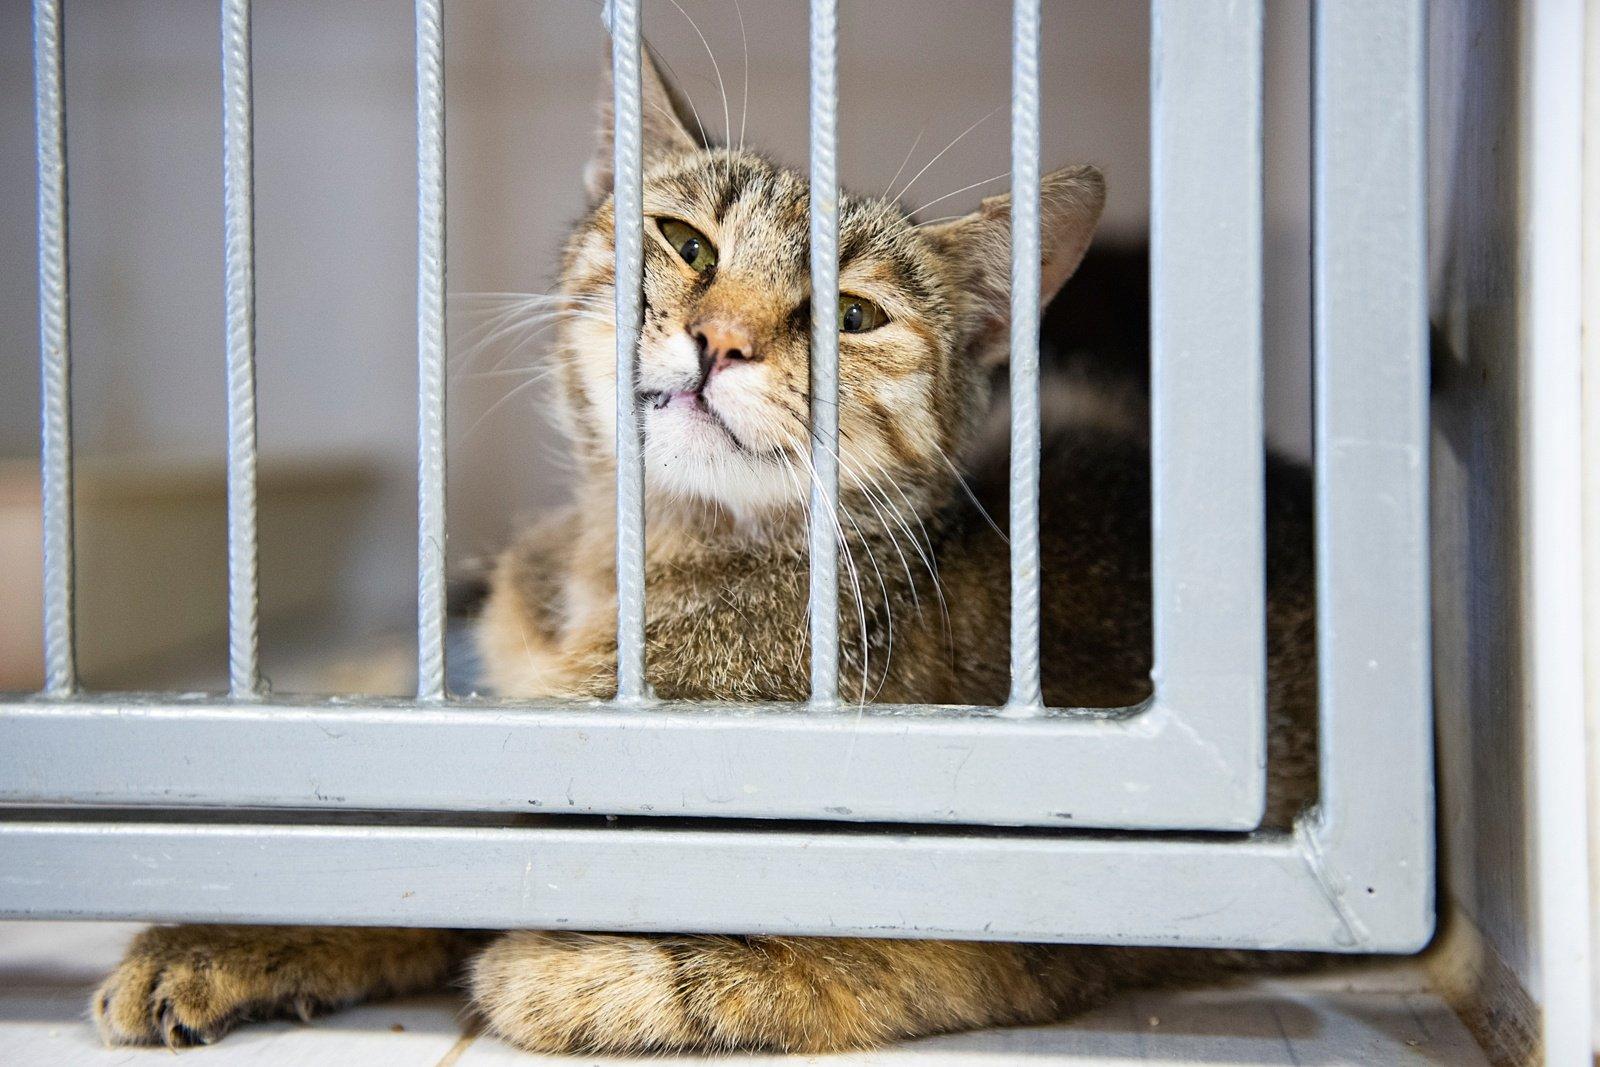 Gyvūnų globos namai  iš arti: iš baimės drebančios rankos, beglobių likimai ir kasdienė viltis